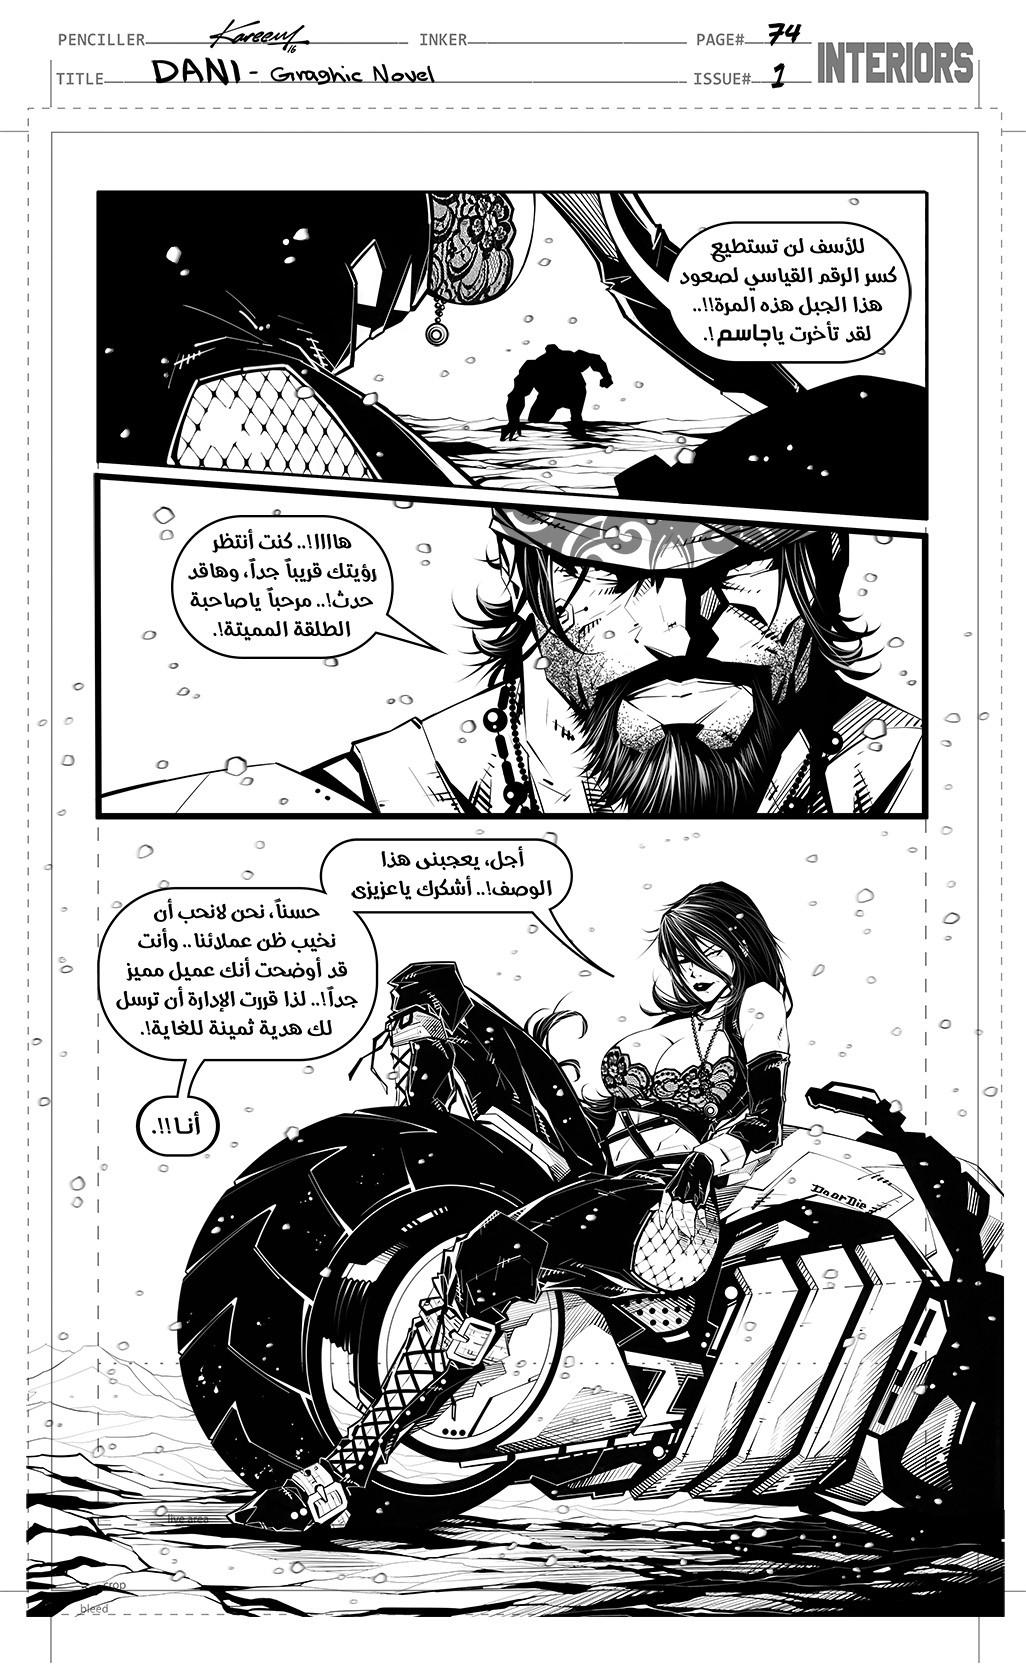 Kareem ahmed page 74